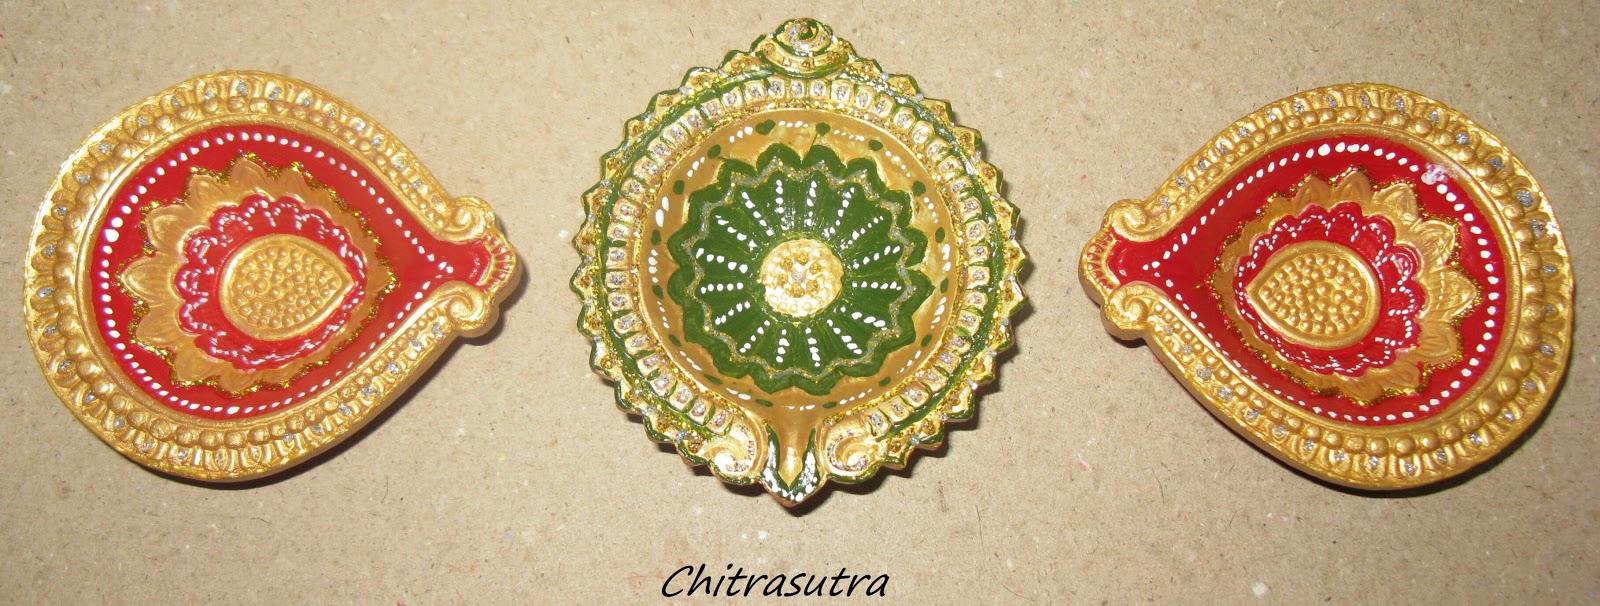 Chitrasutra Painting Diyas For This Diwali